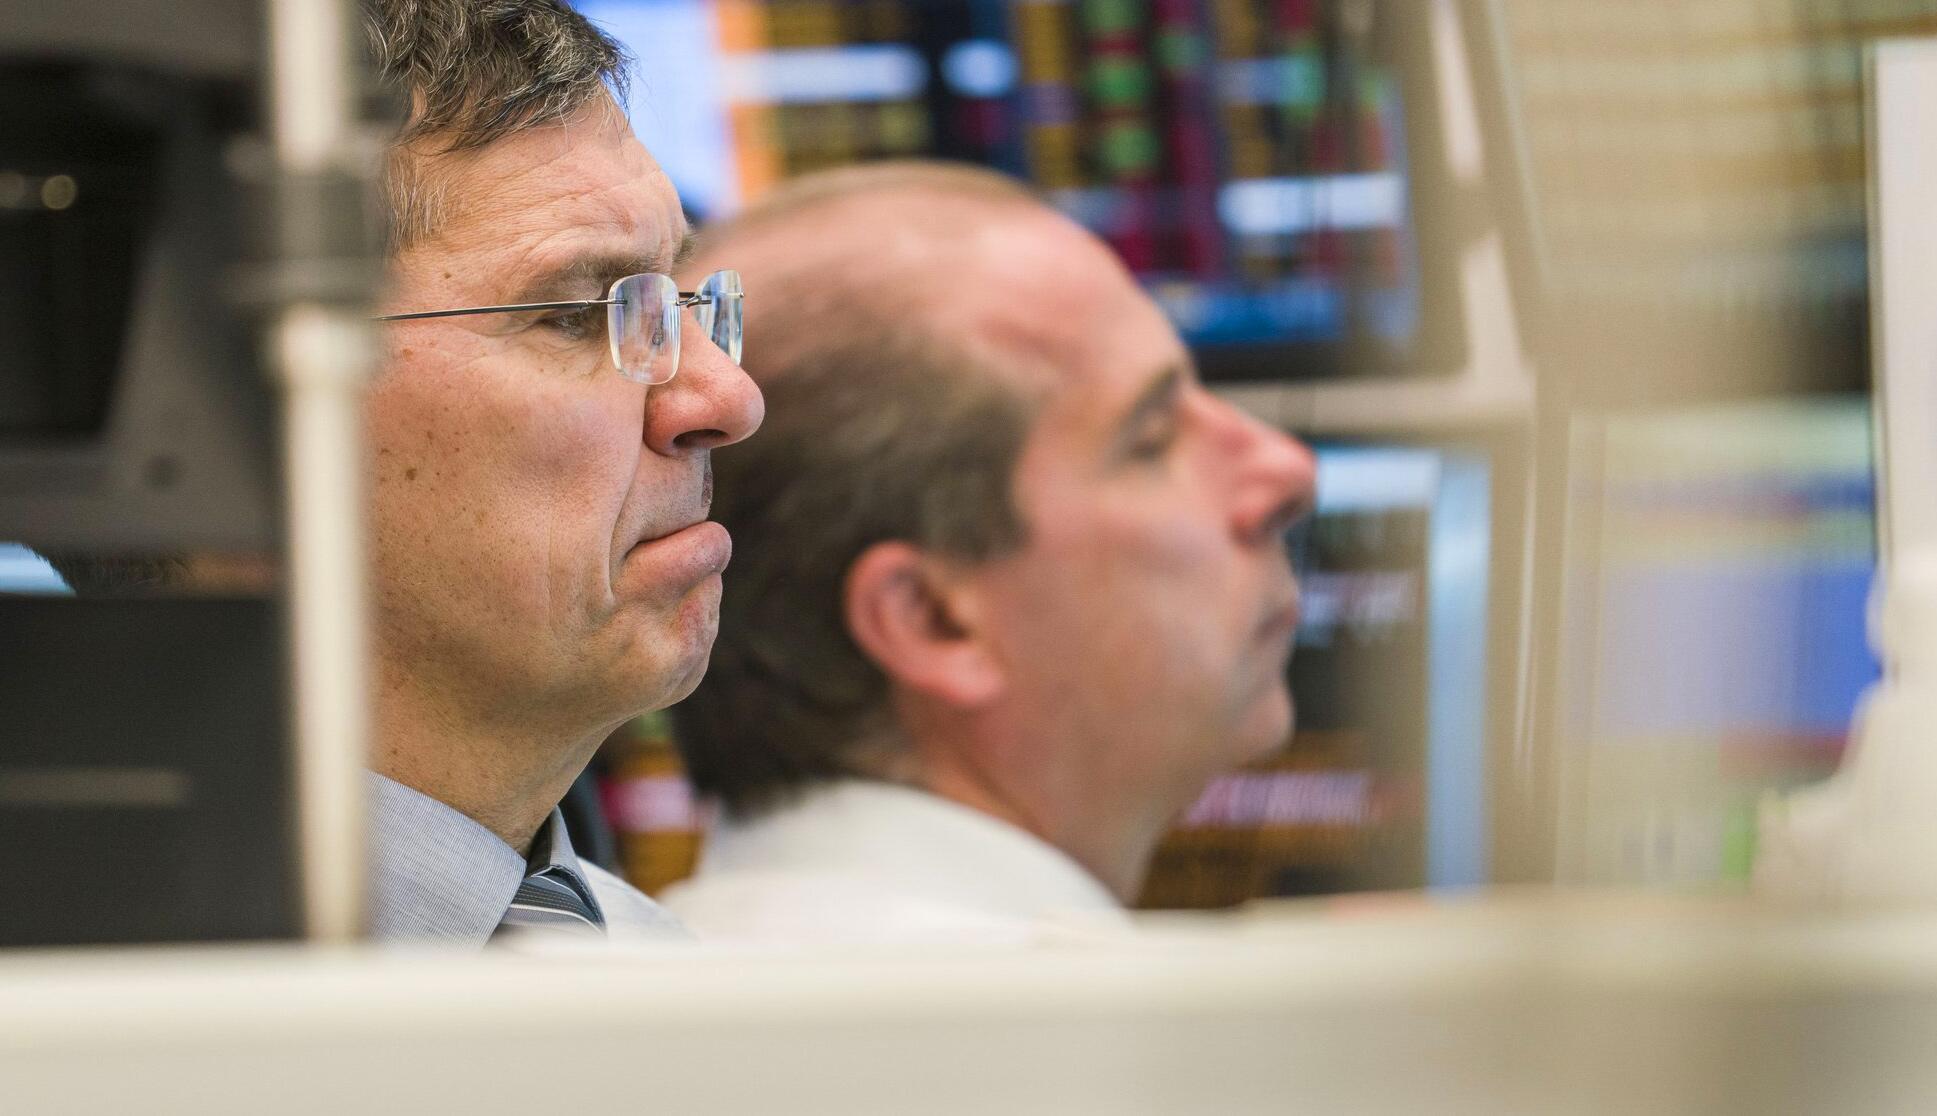 Bild zu Coronavirus - Stock Exchange in Frankfurt am Main